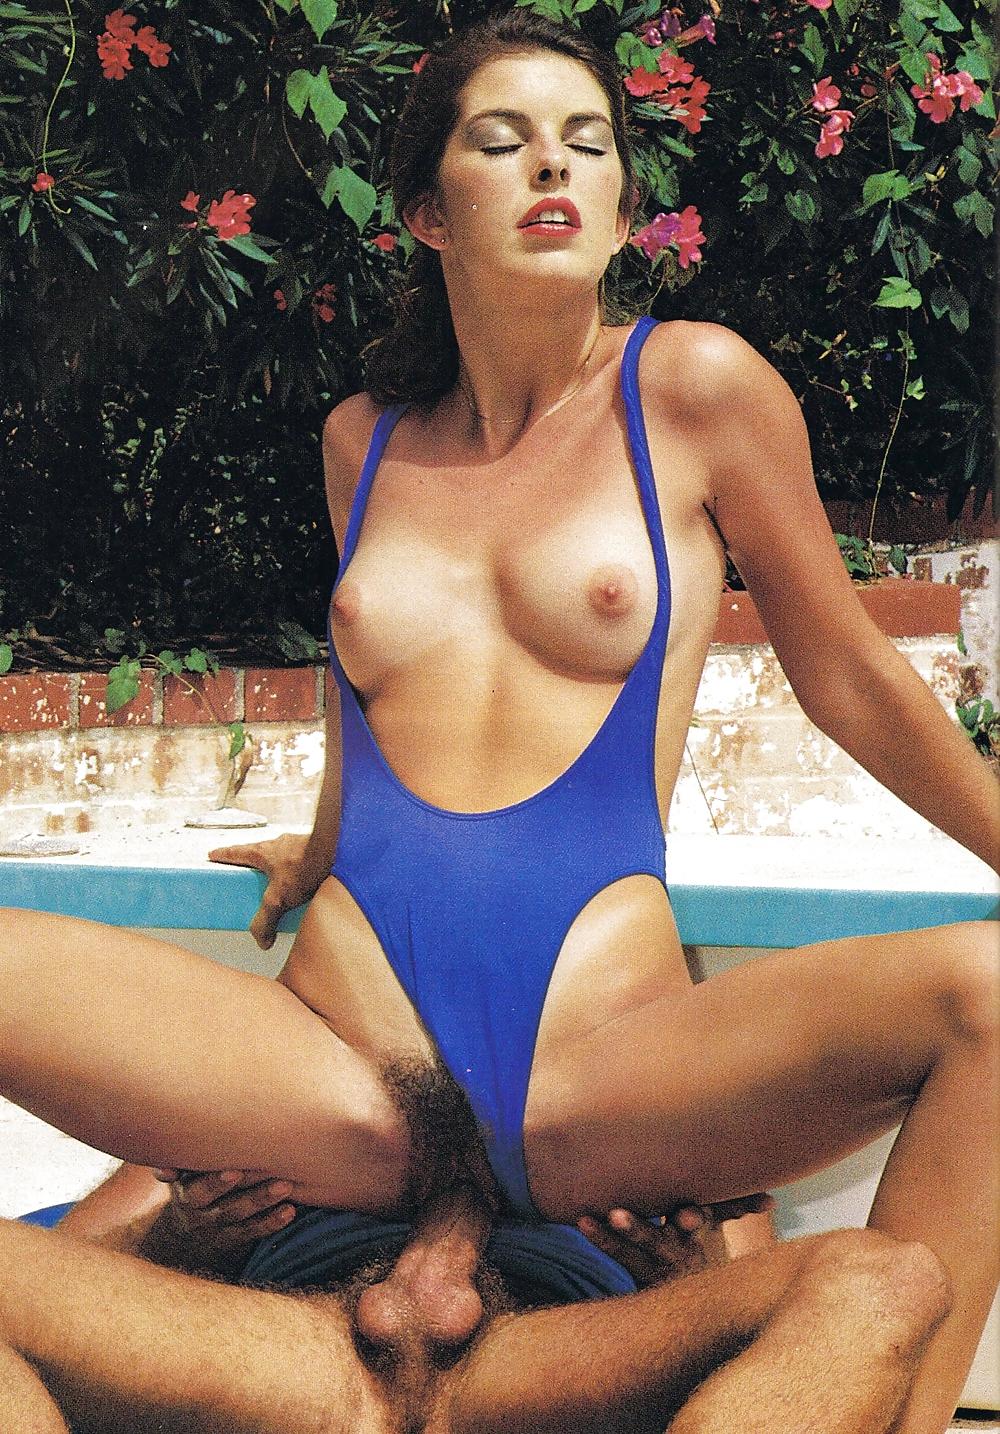 retro-porno-bikini